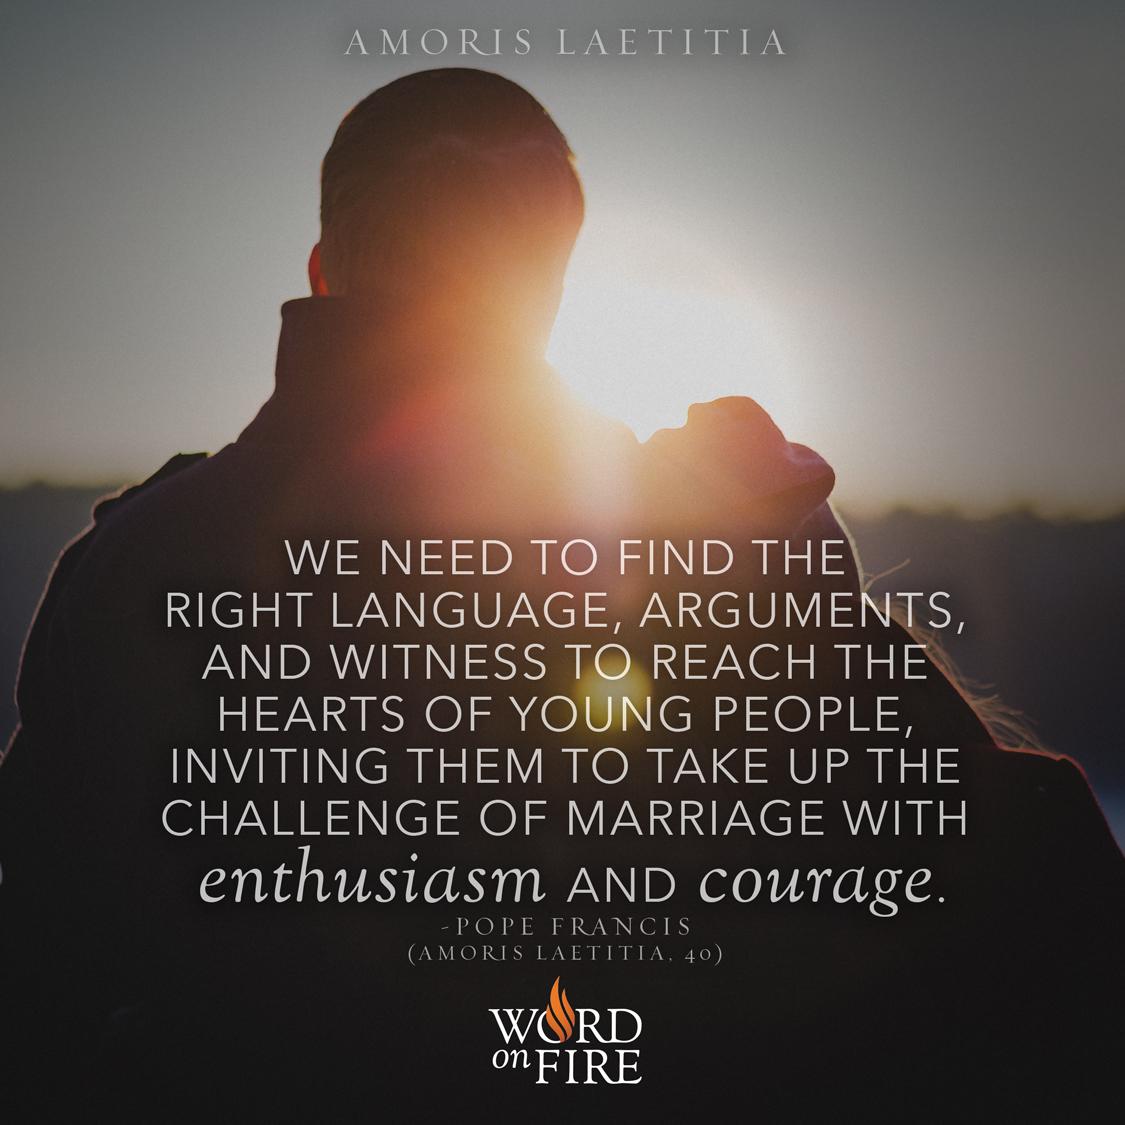 AmorisLaetitia_Marriage3